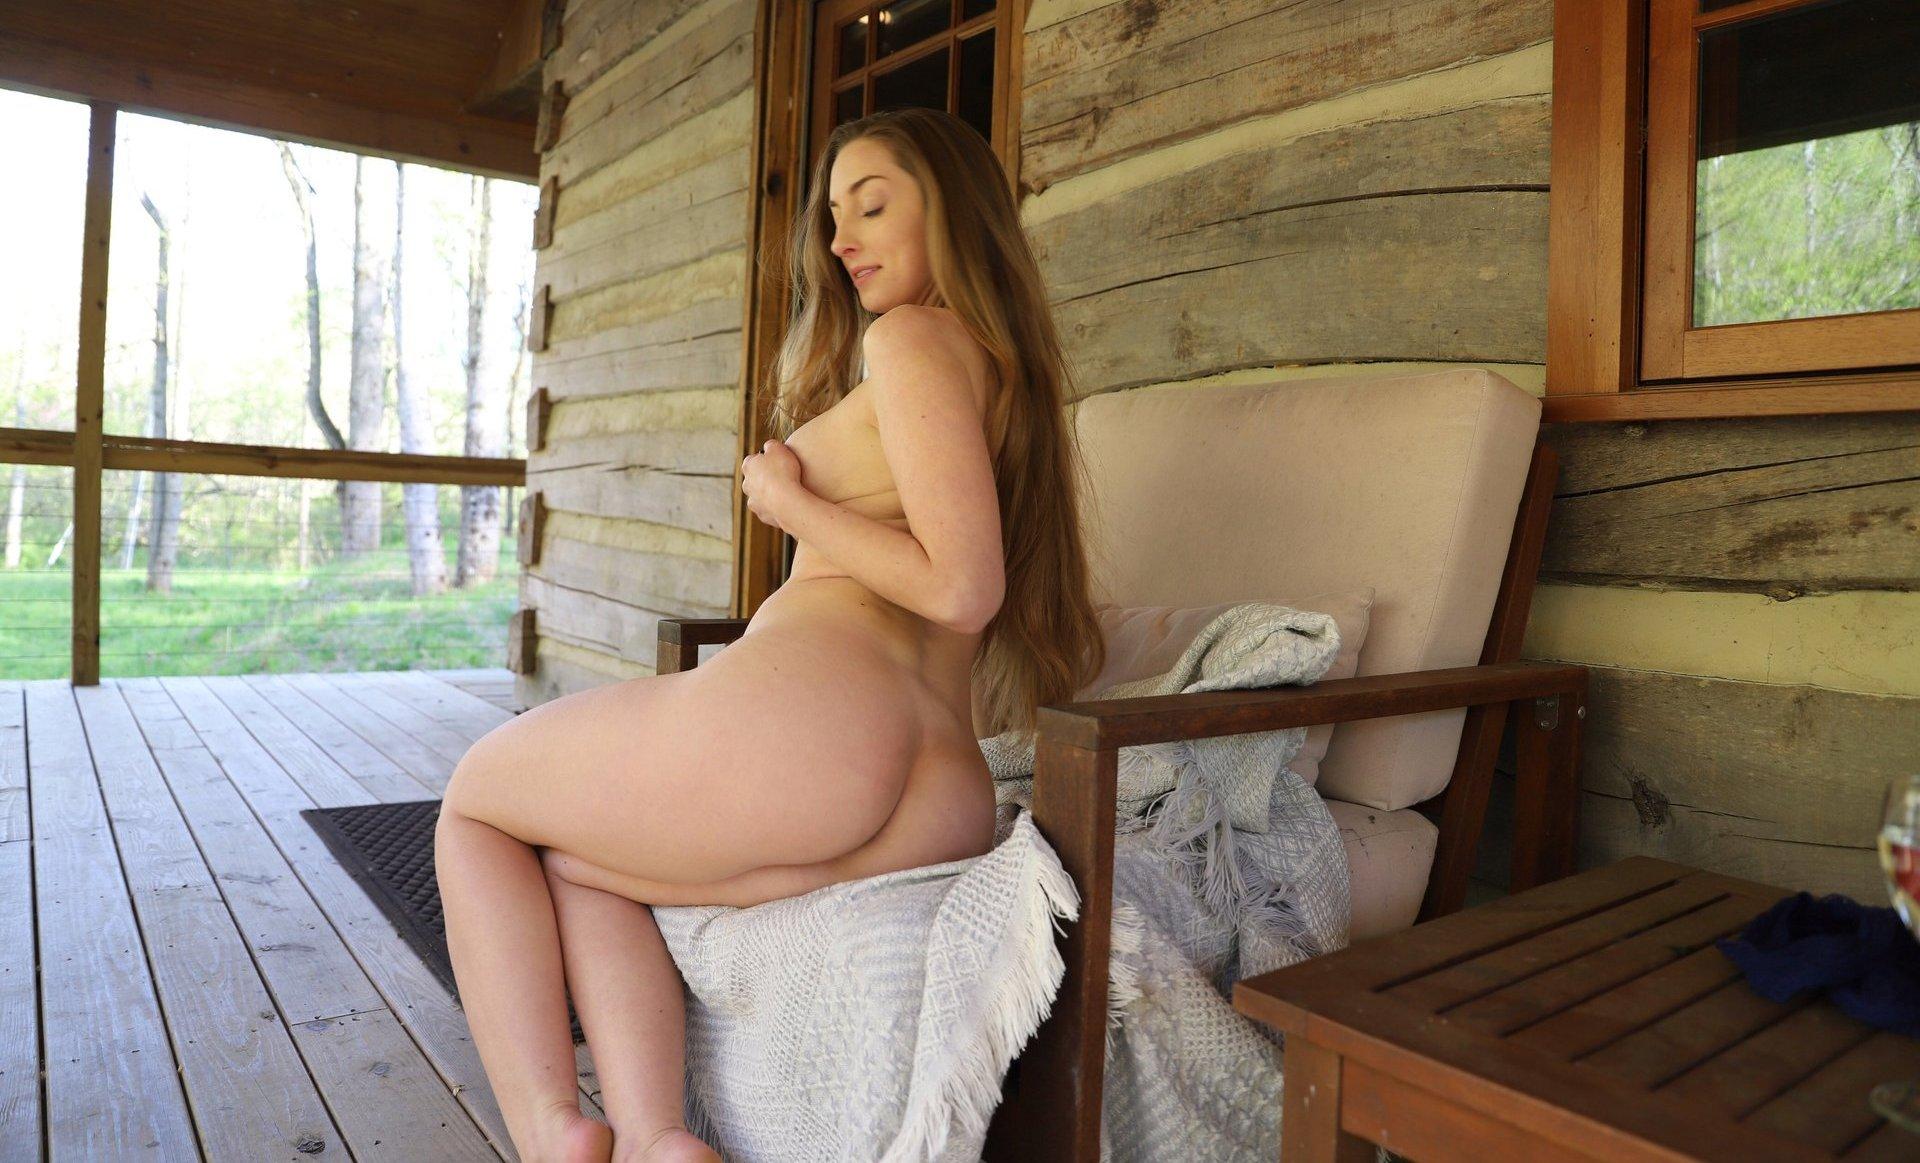 Abby Opel Onlyfans Nude Leaks 0008